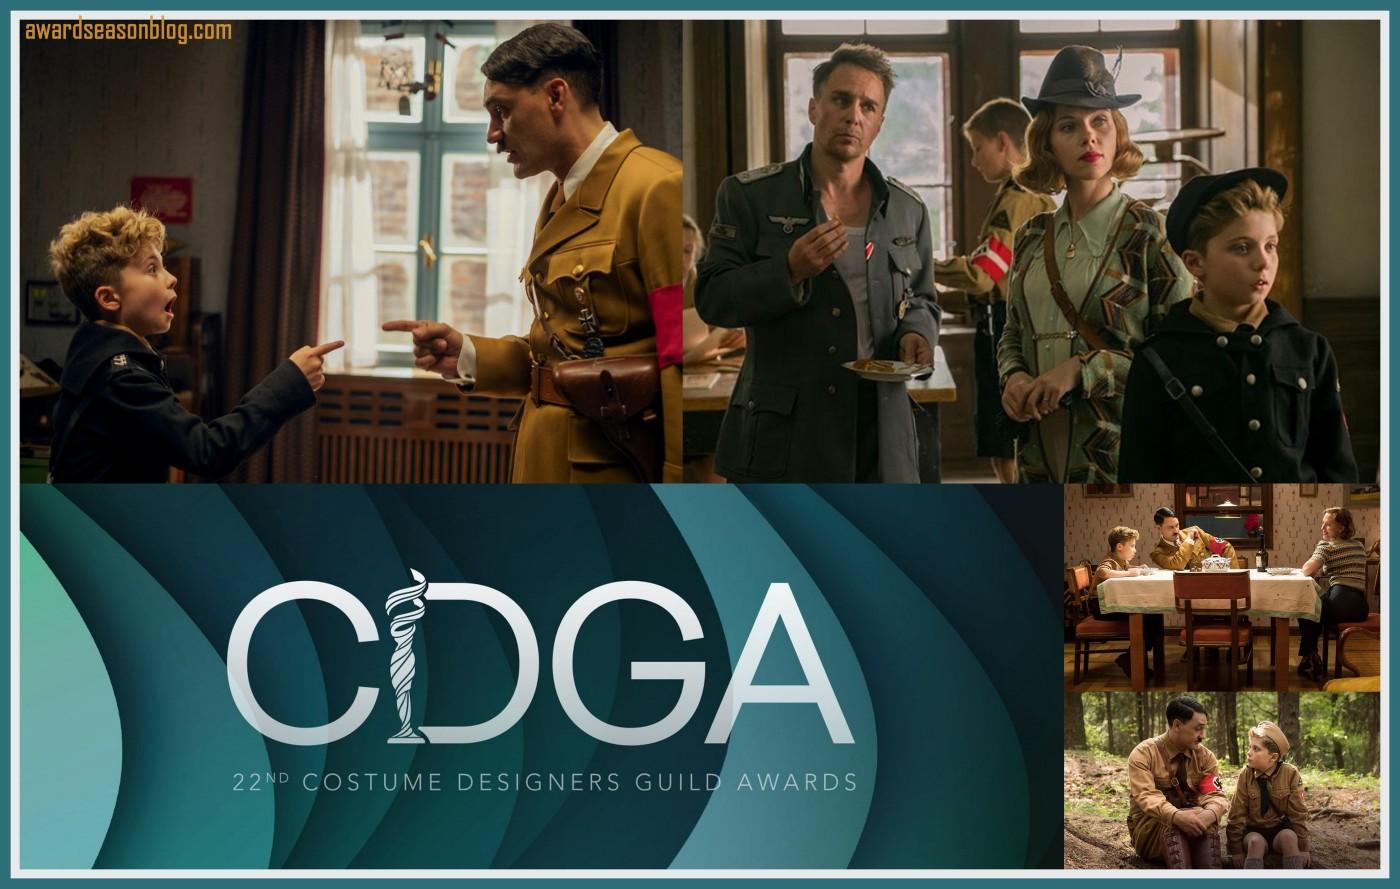 Ai Costume Designers Guild Awards vince Jojo Rabbit e punta agli Oscar per i migliori costumi